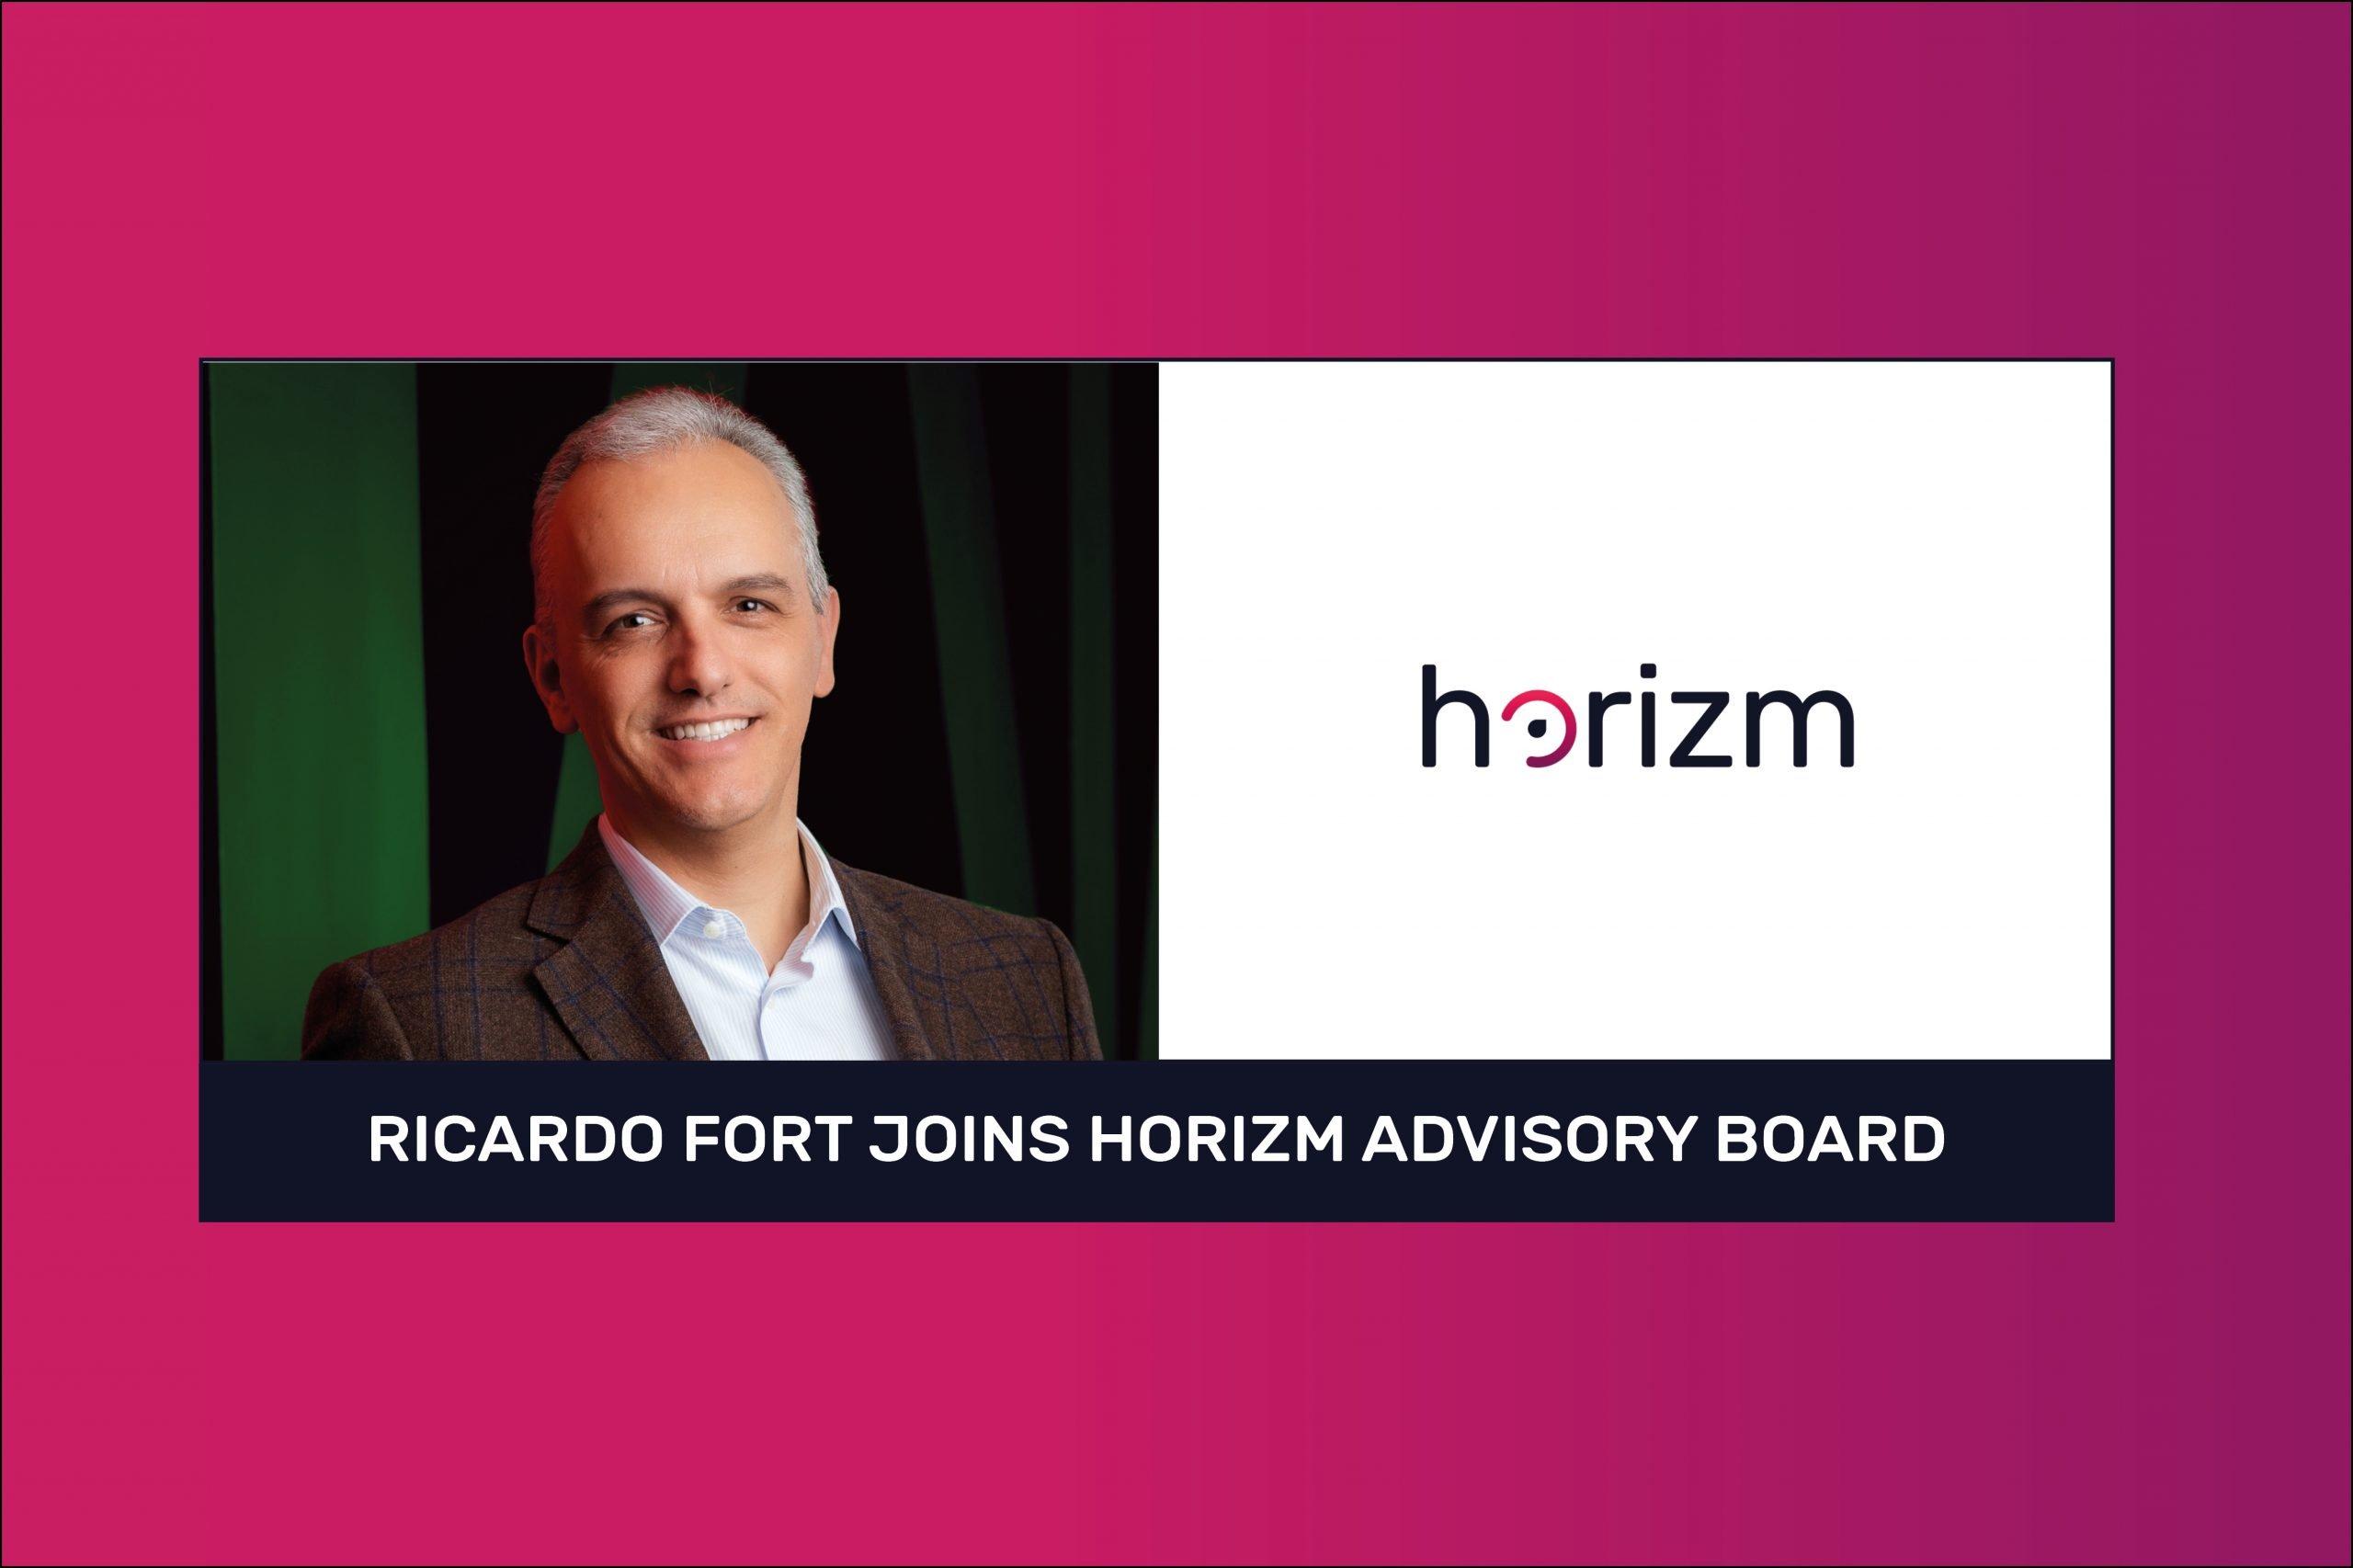 Ricardo Fort joins Horizm Advisory Board